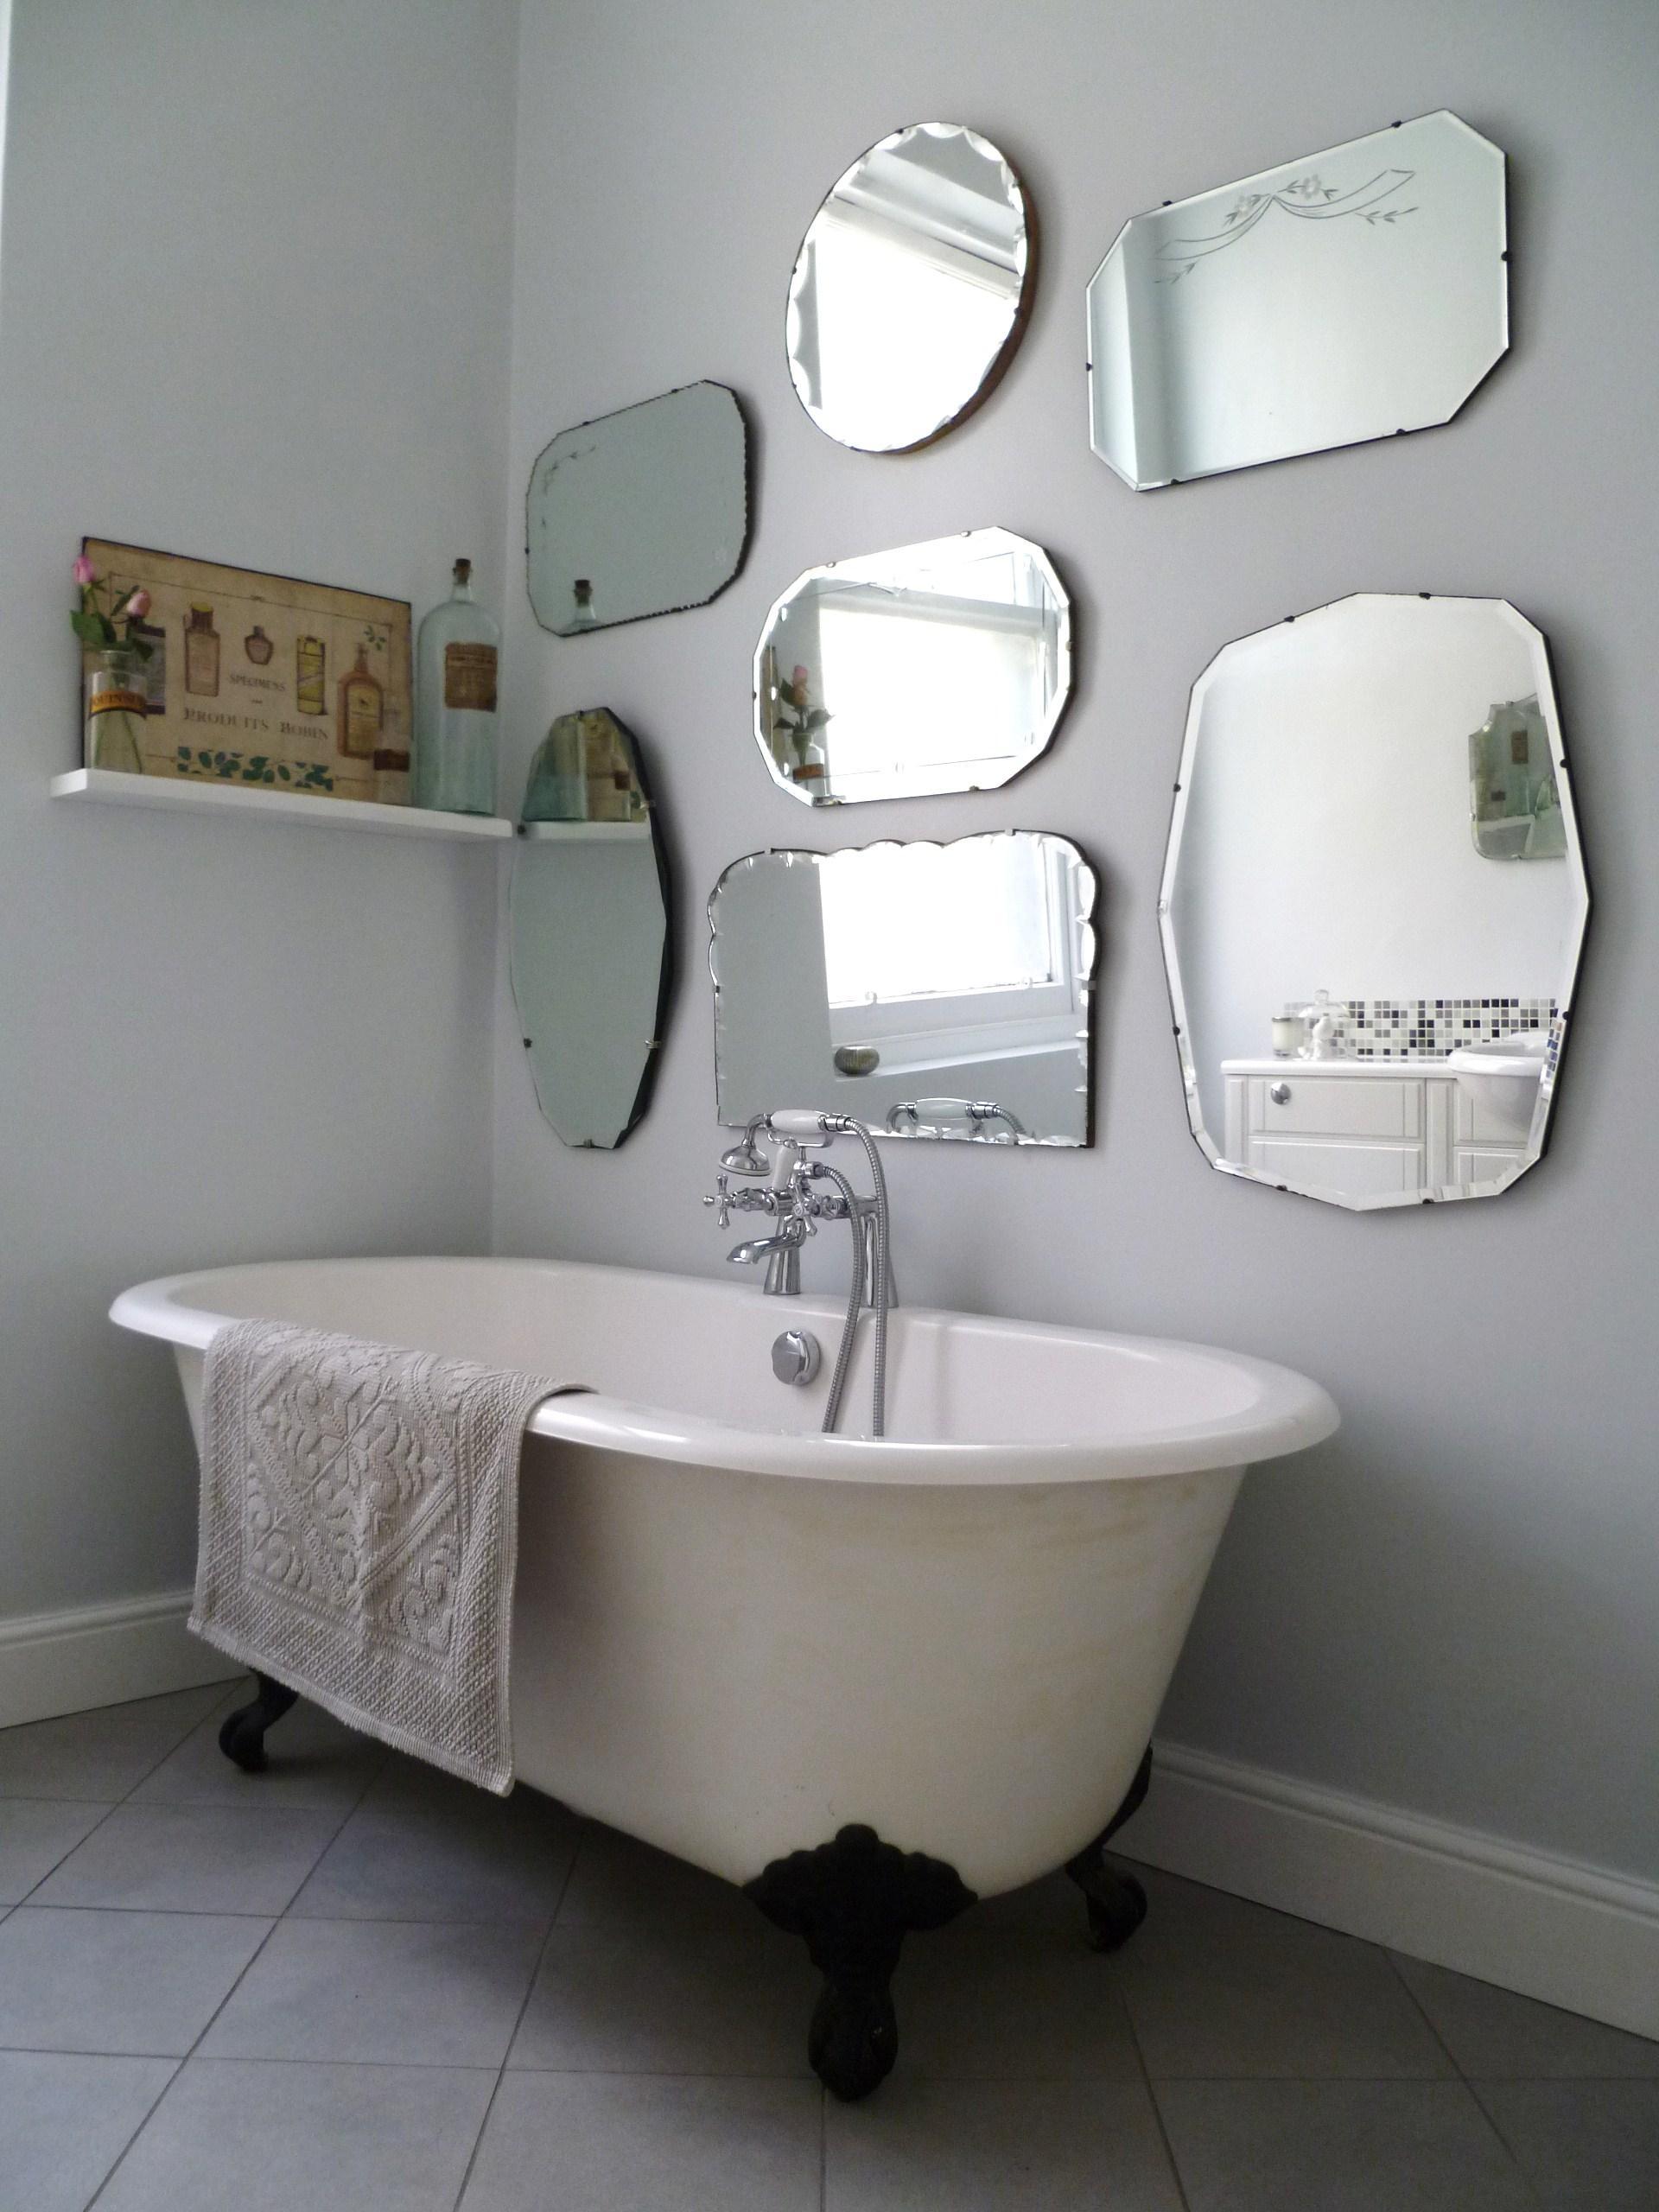 Retro Bathroom Mirror – D Y R O N With Regard To Retro Bathroom Mirror (View 3 of 20)